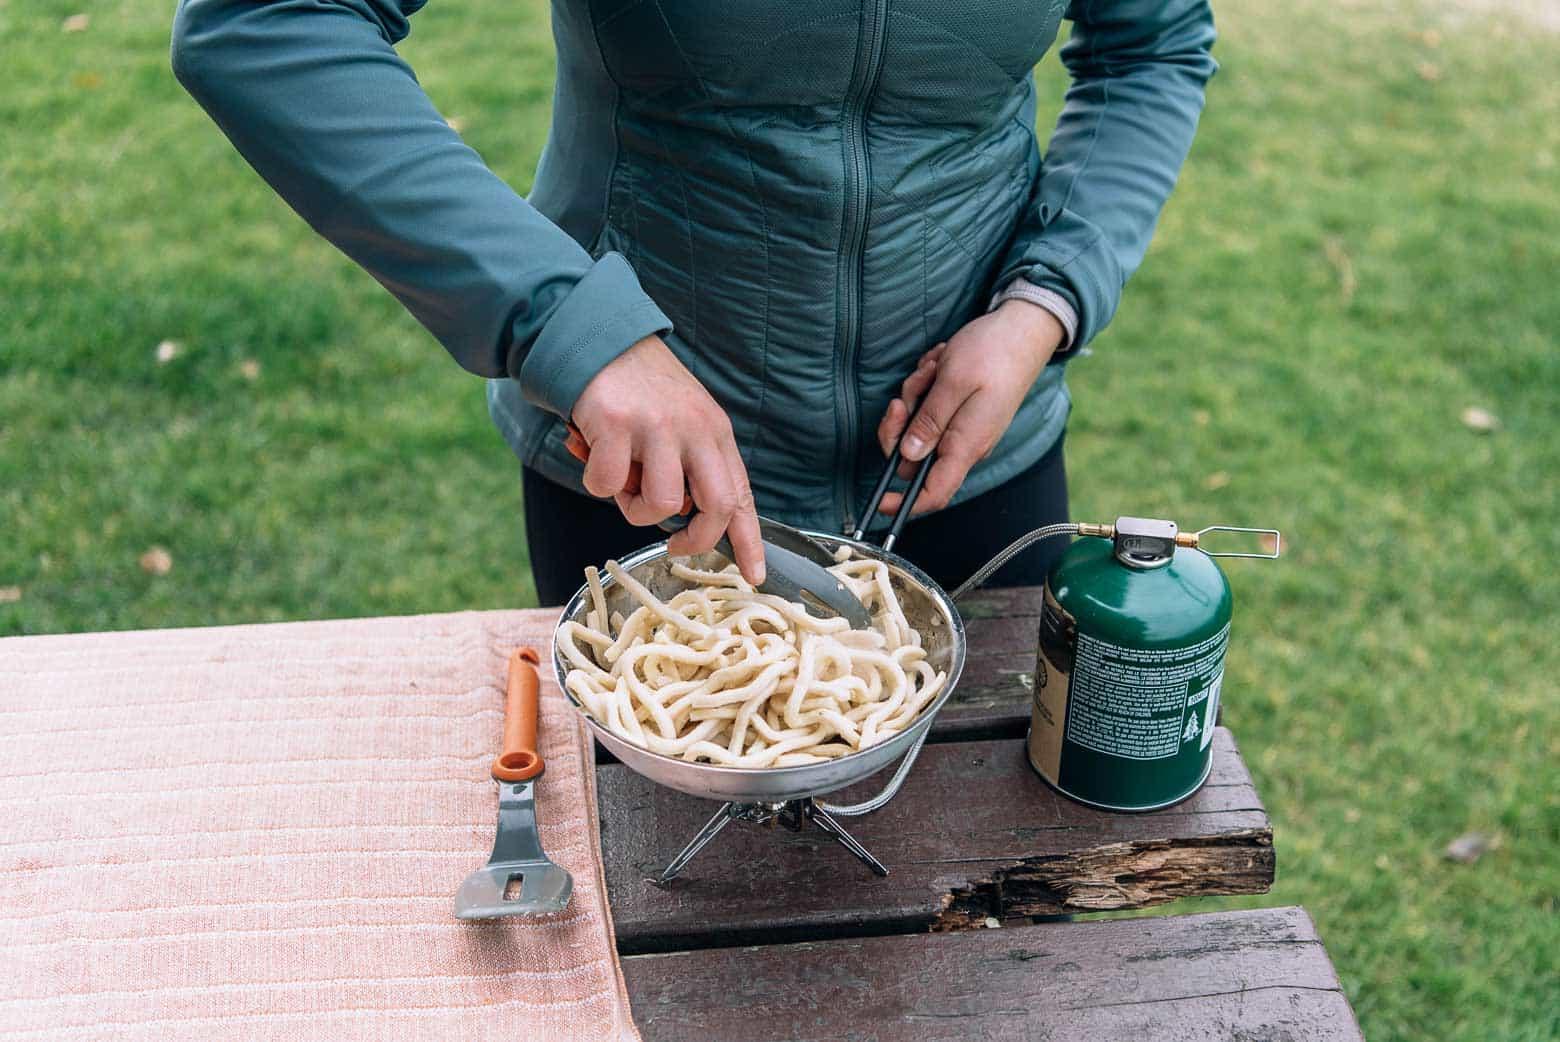 Noodles in a skillet for stir fry